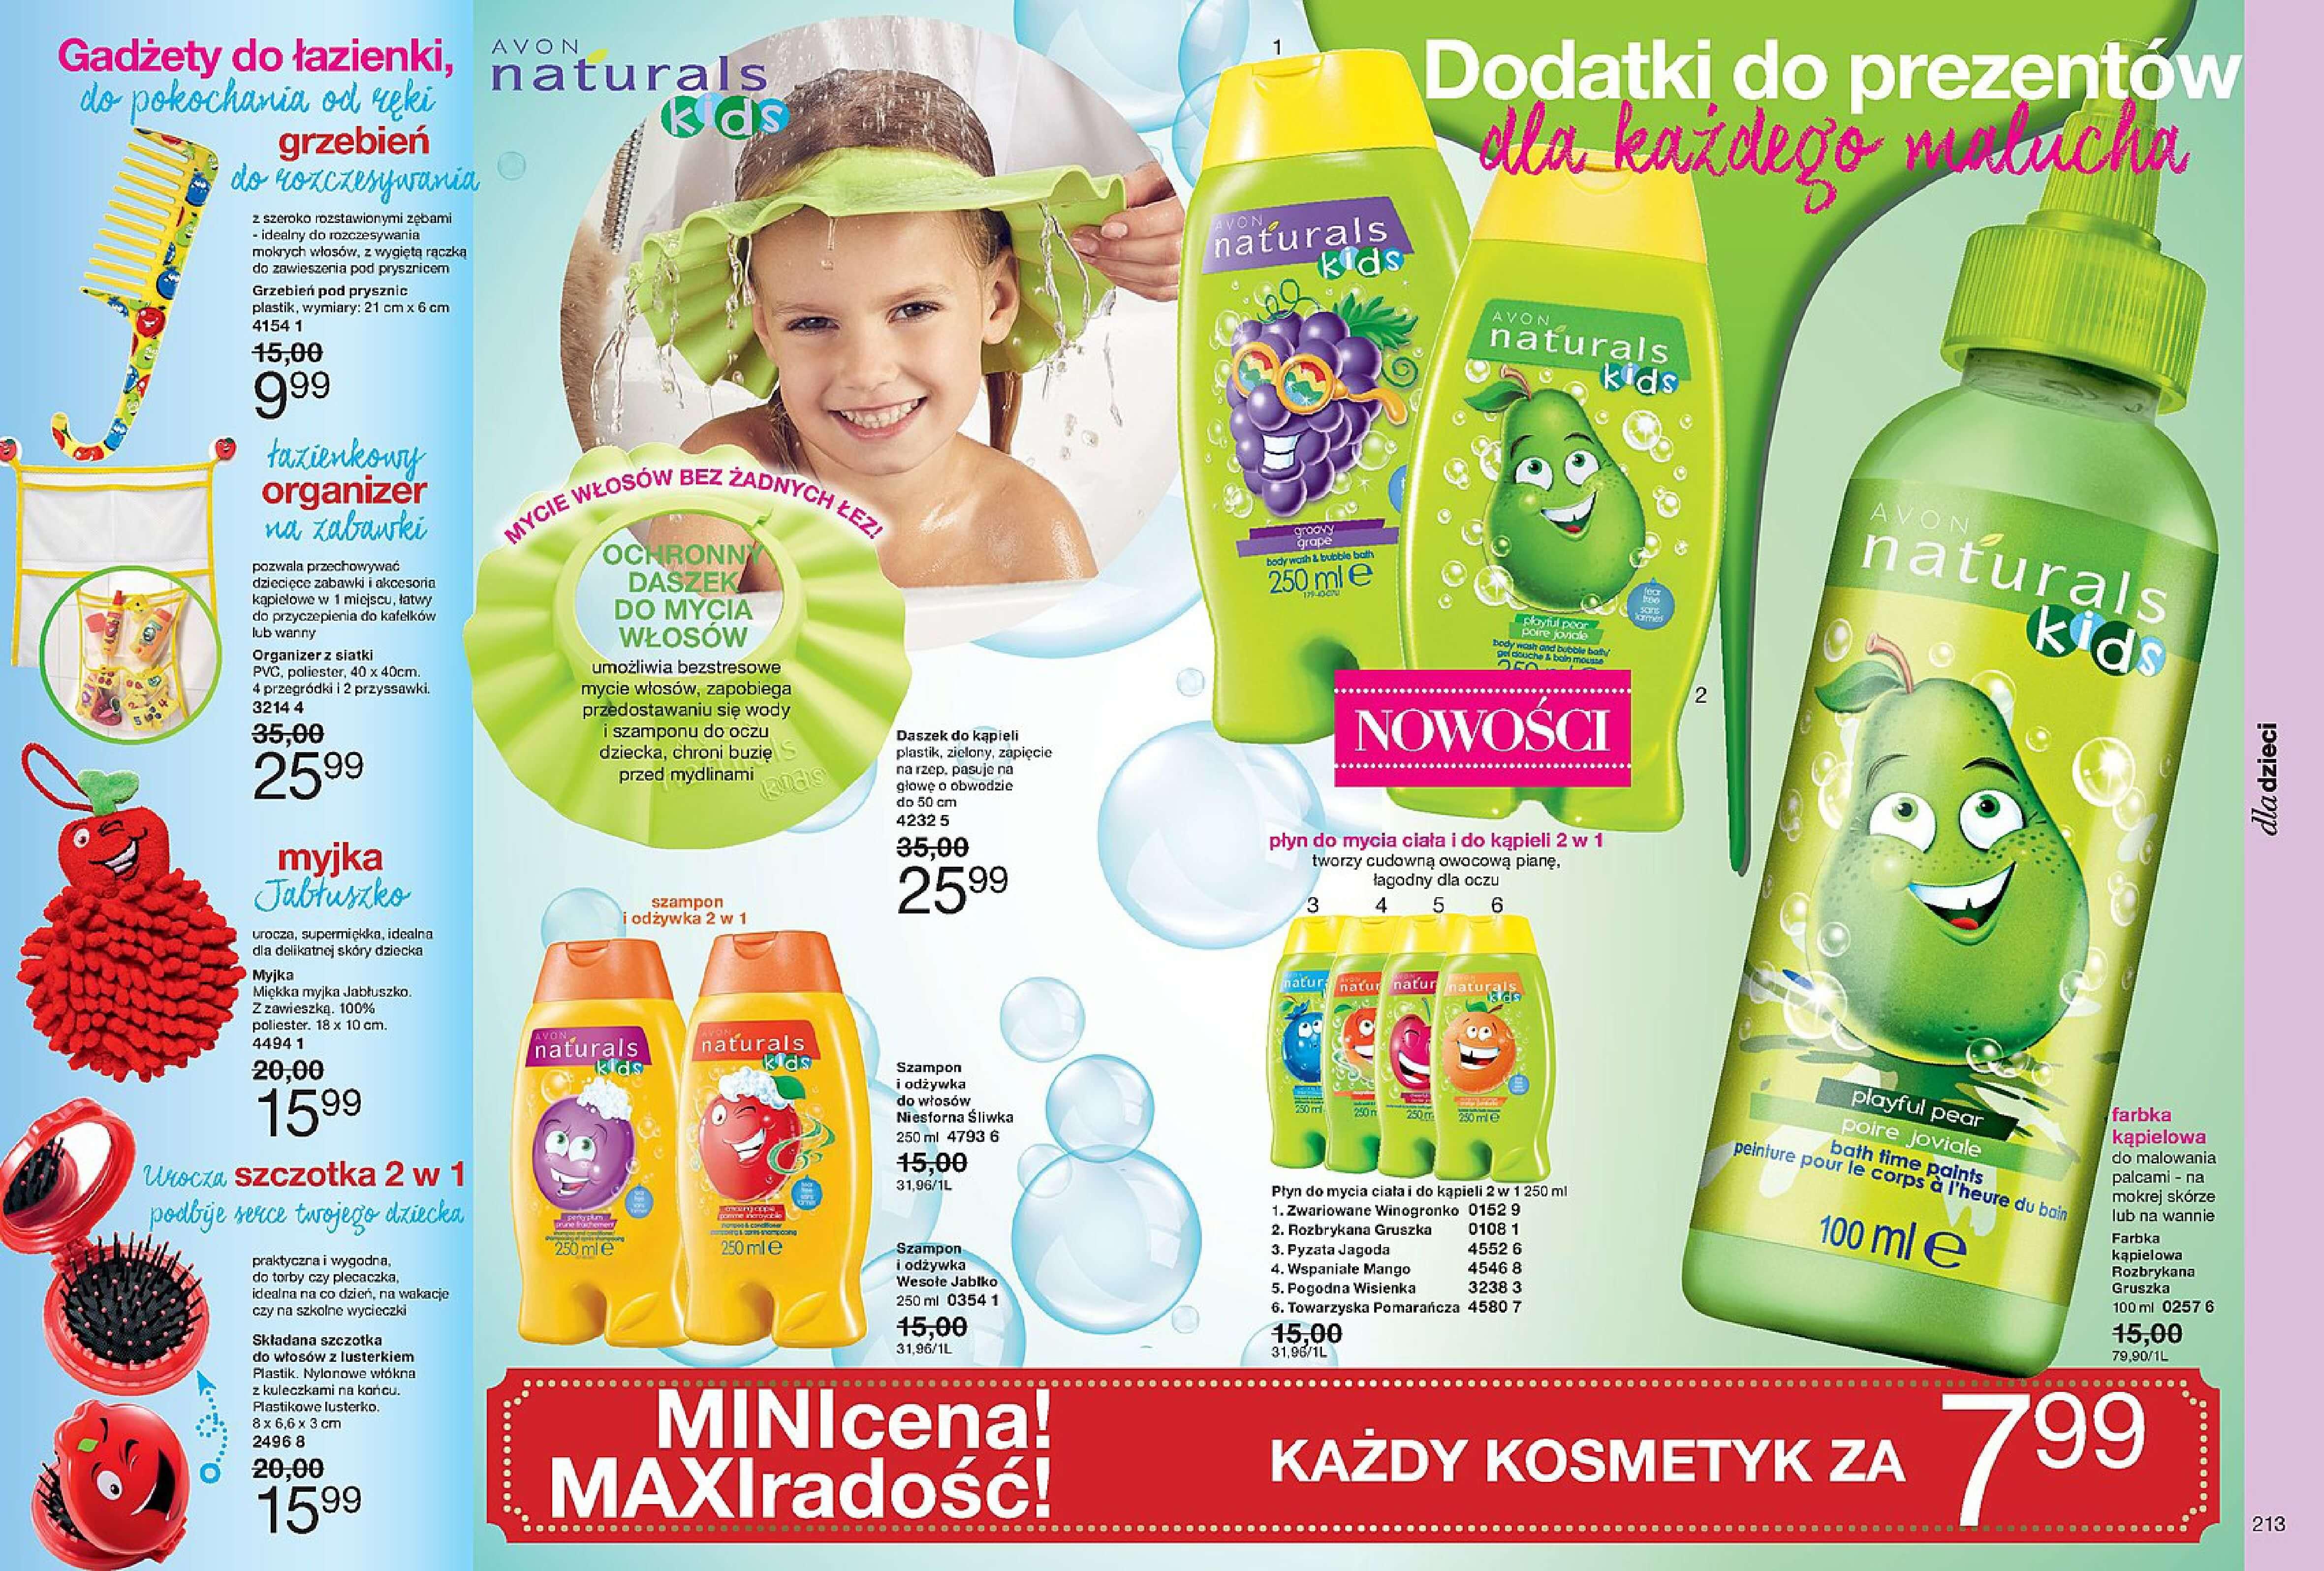 Gazetka Avon - Katalog 17/2017 Gwiazdka-29.11.2017-27.12.2017-page-107